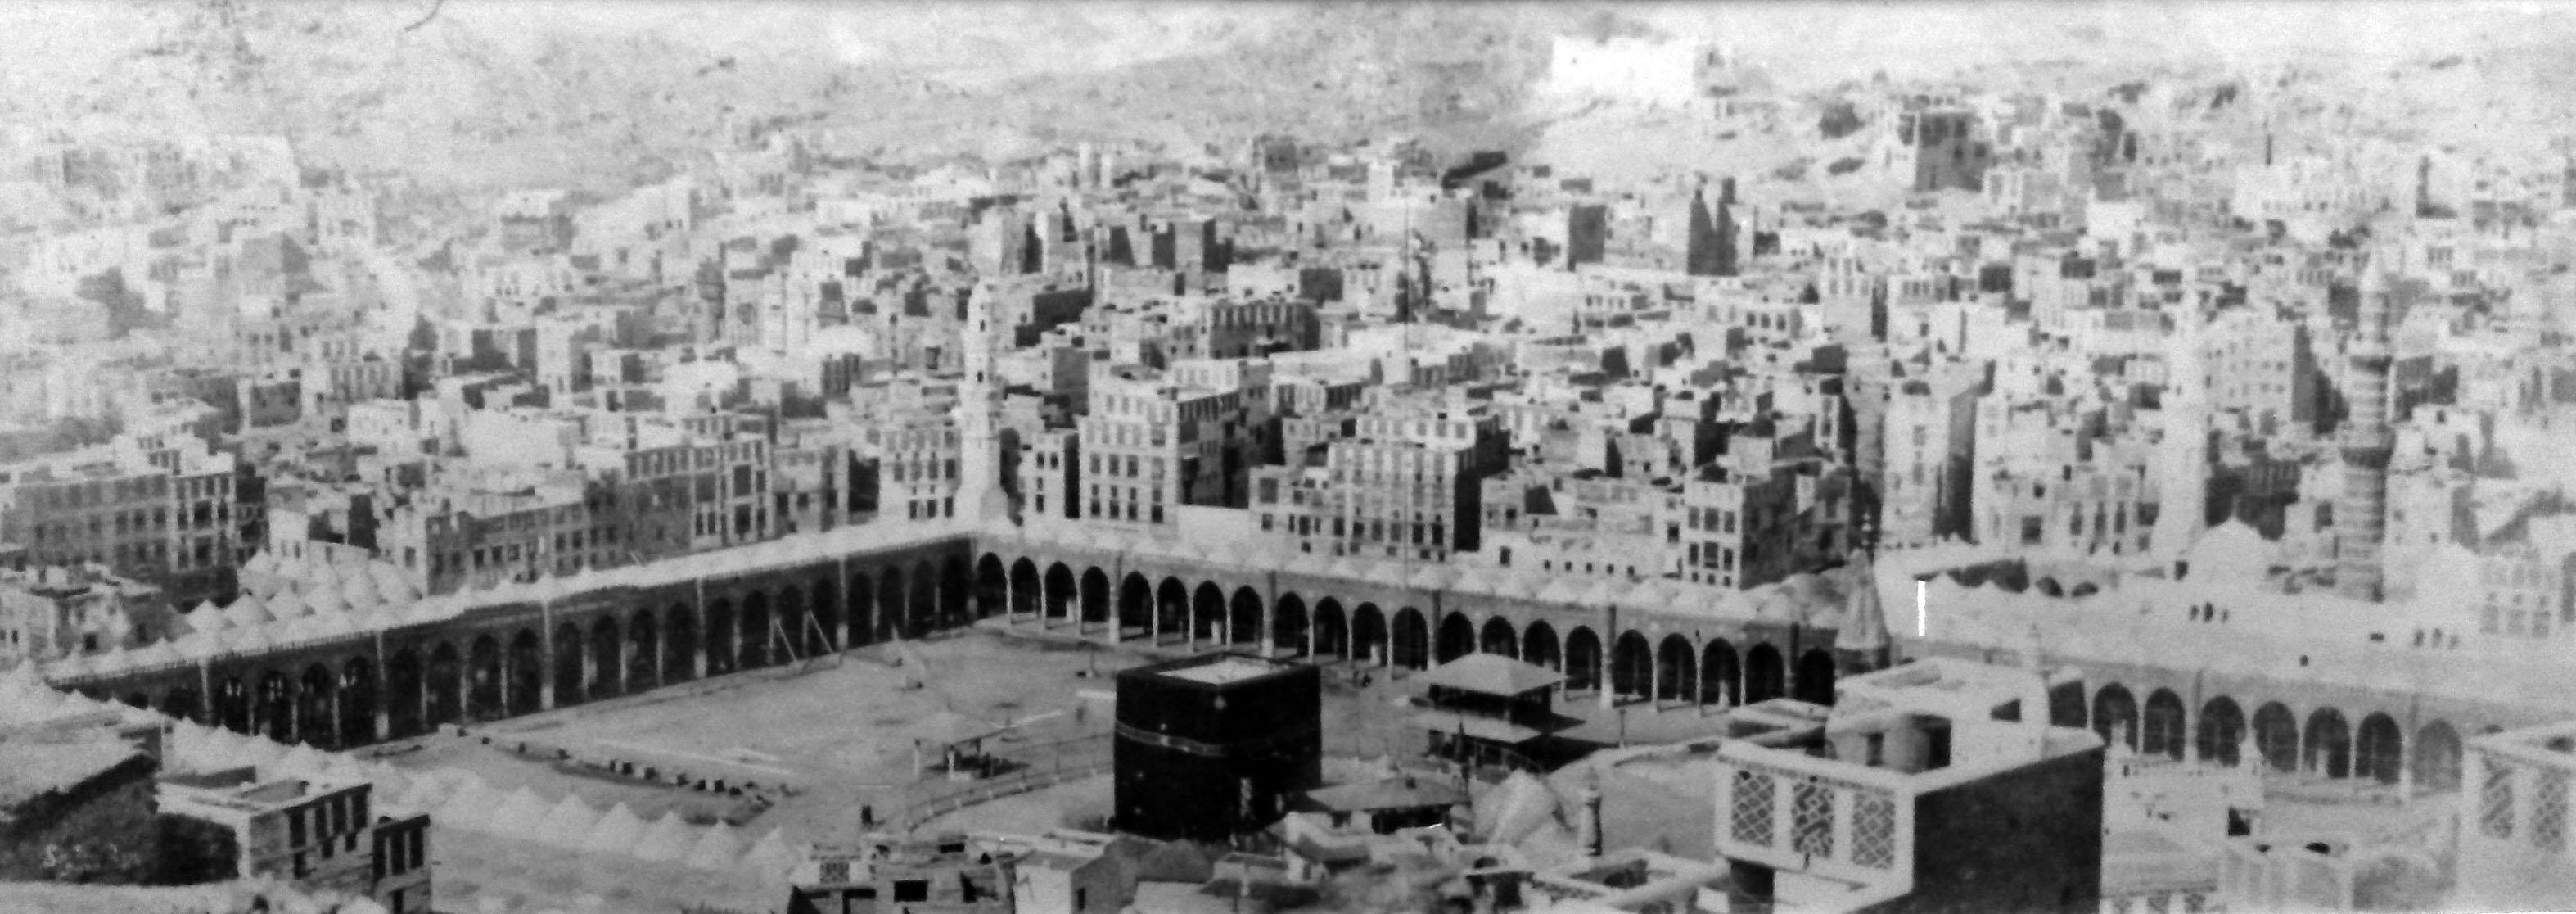 File:Kaaba old 2.jpg -...